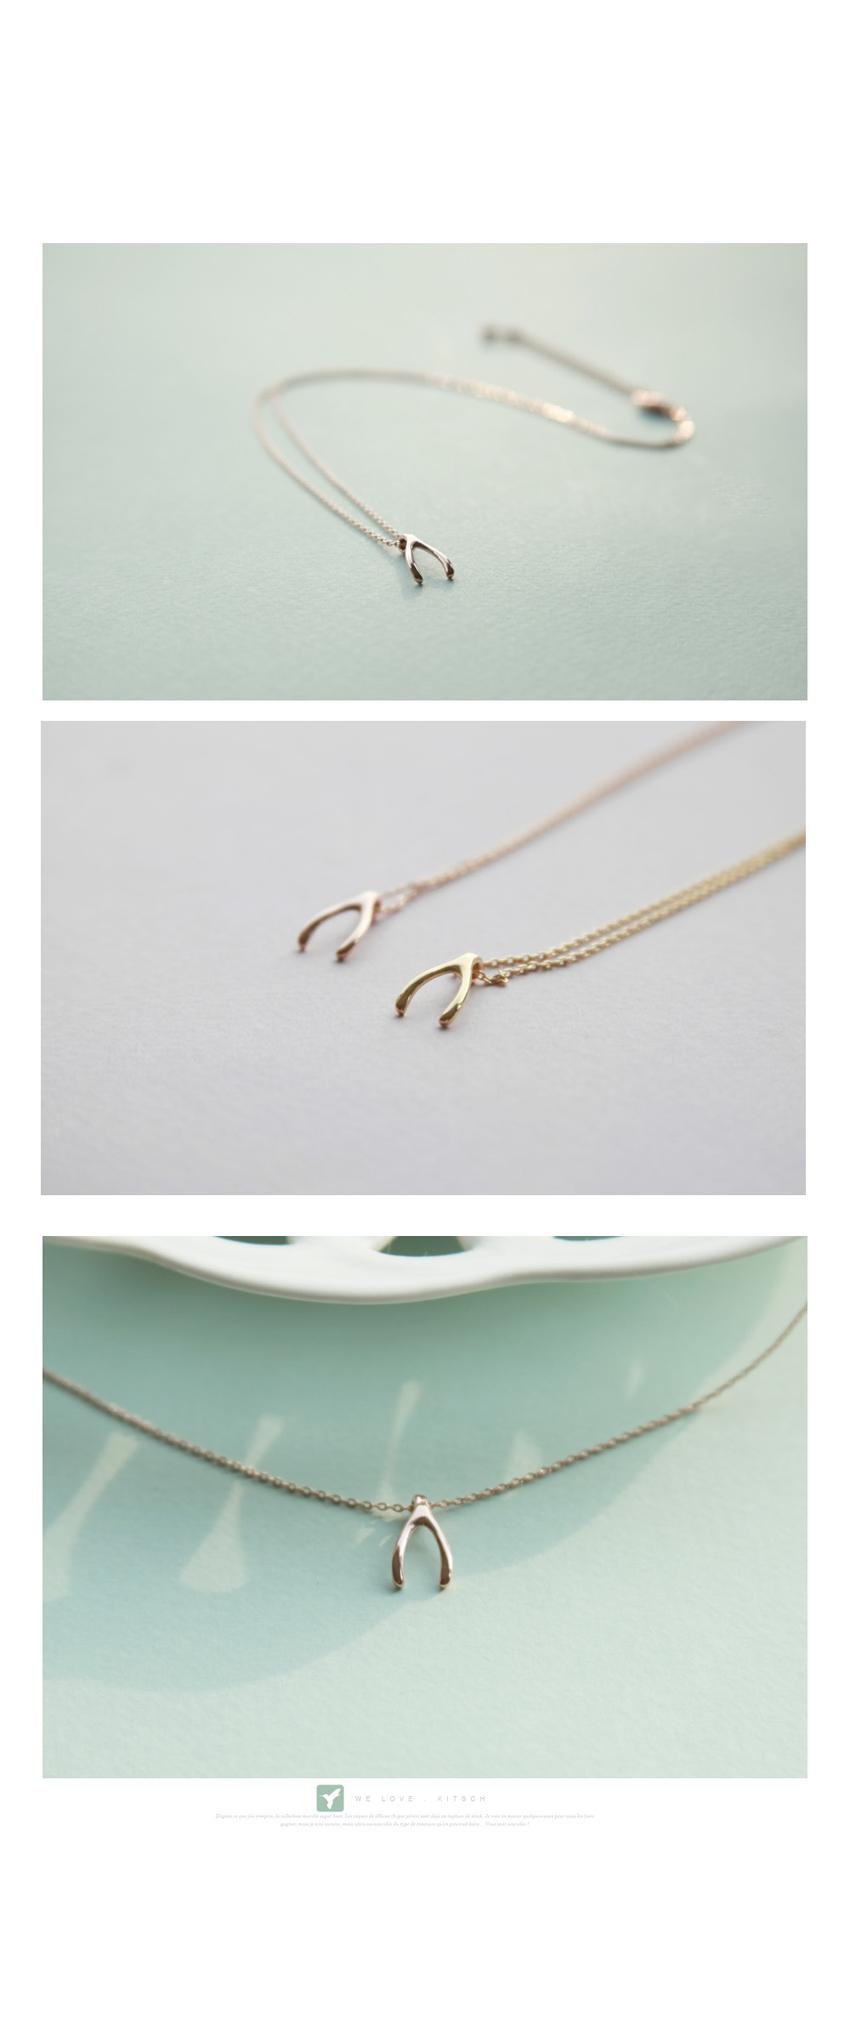 위시본 실버(Silver) 목걸이상속자들 소원목걸이 - 키치아일랜드, 13,500원, 실버, 펜던트목걸이